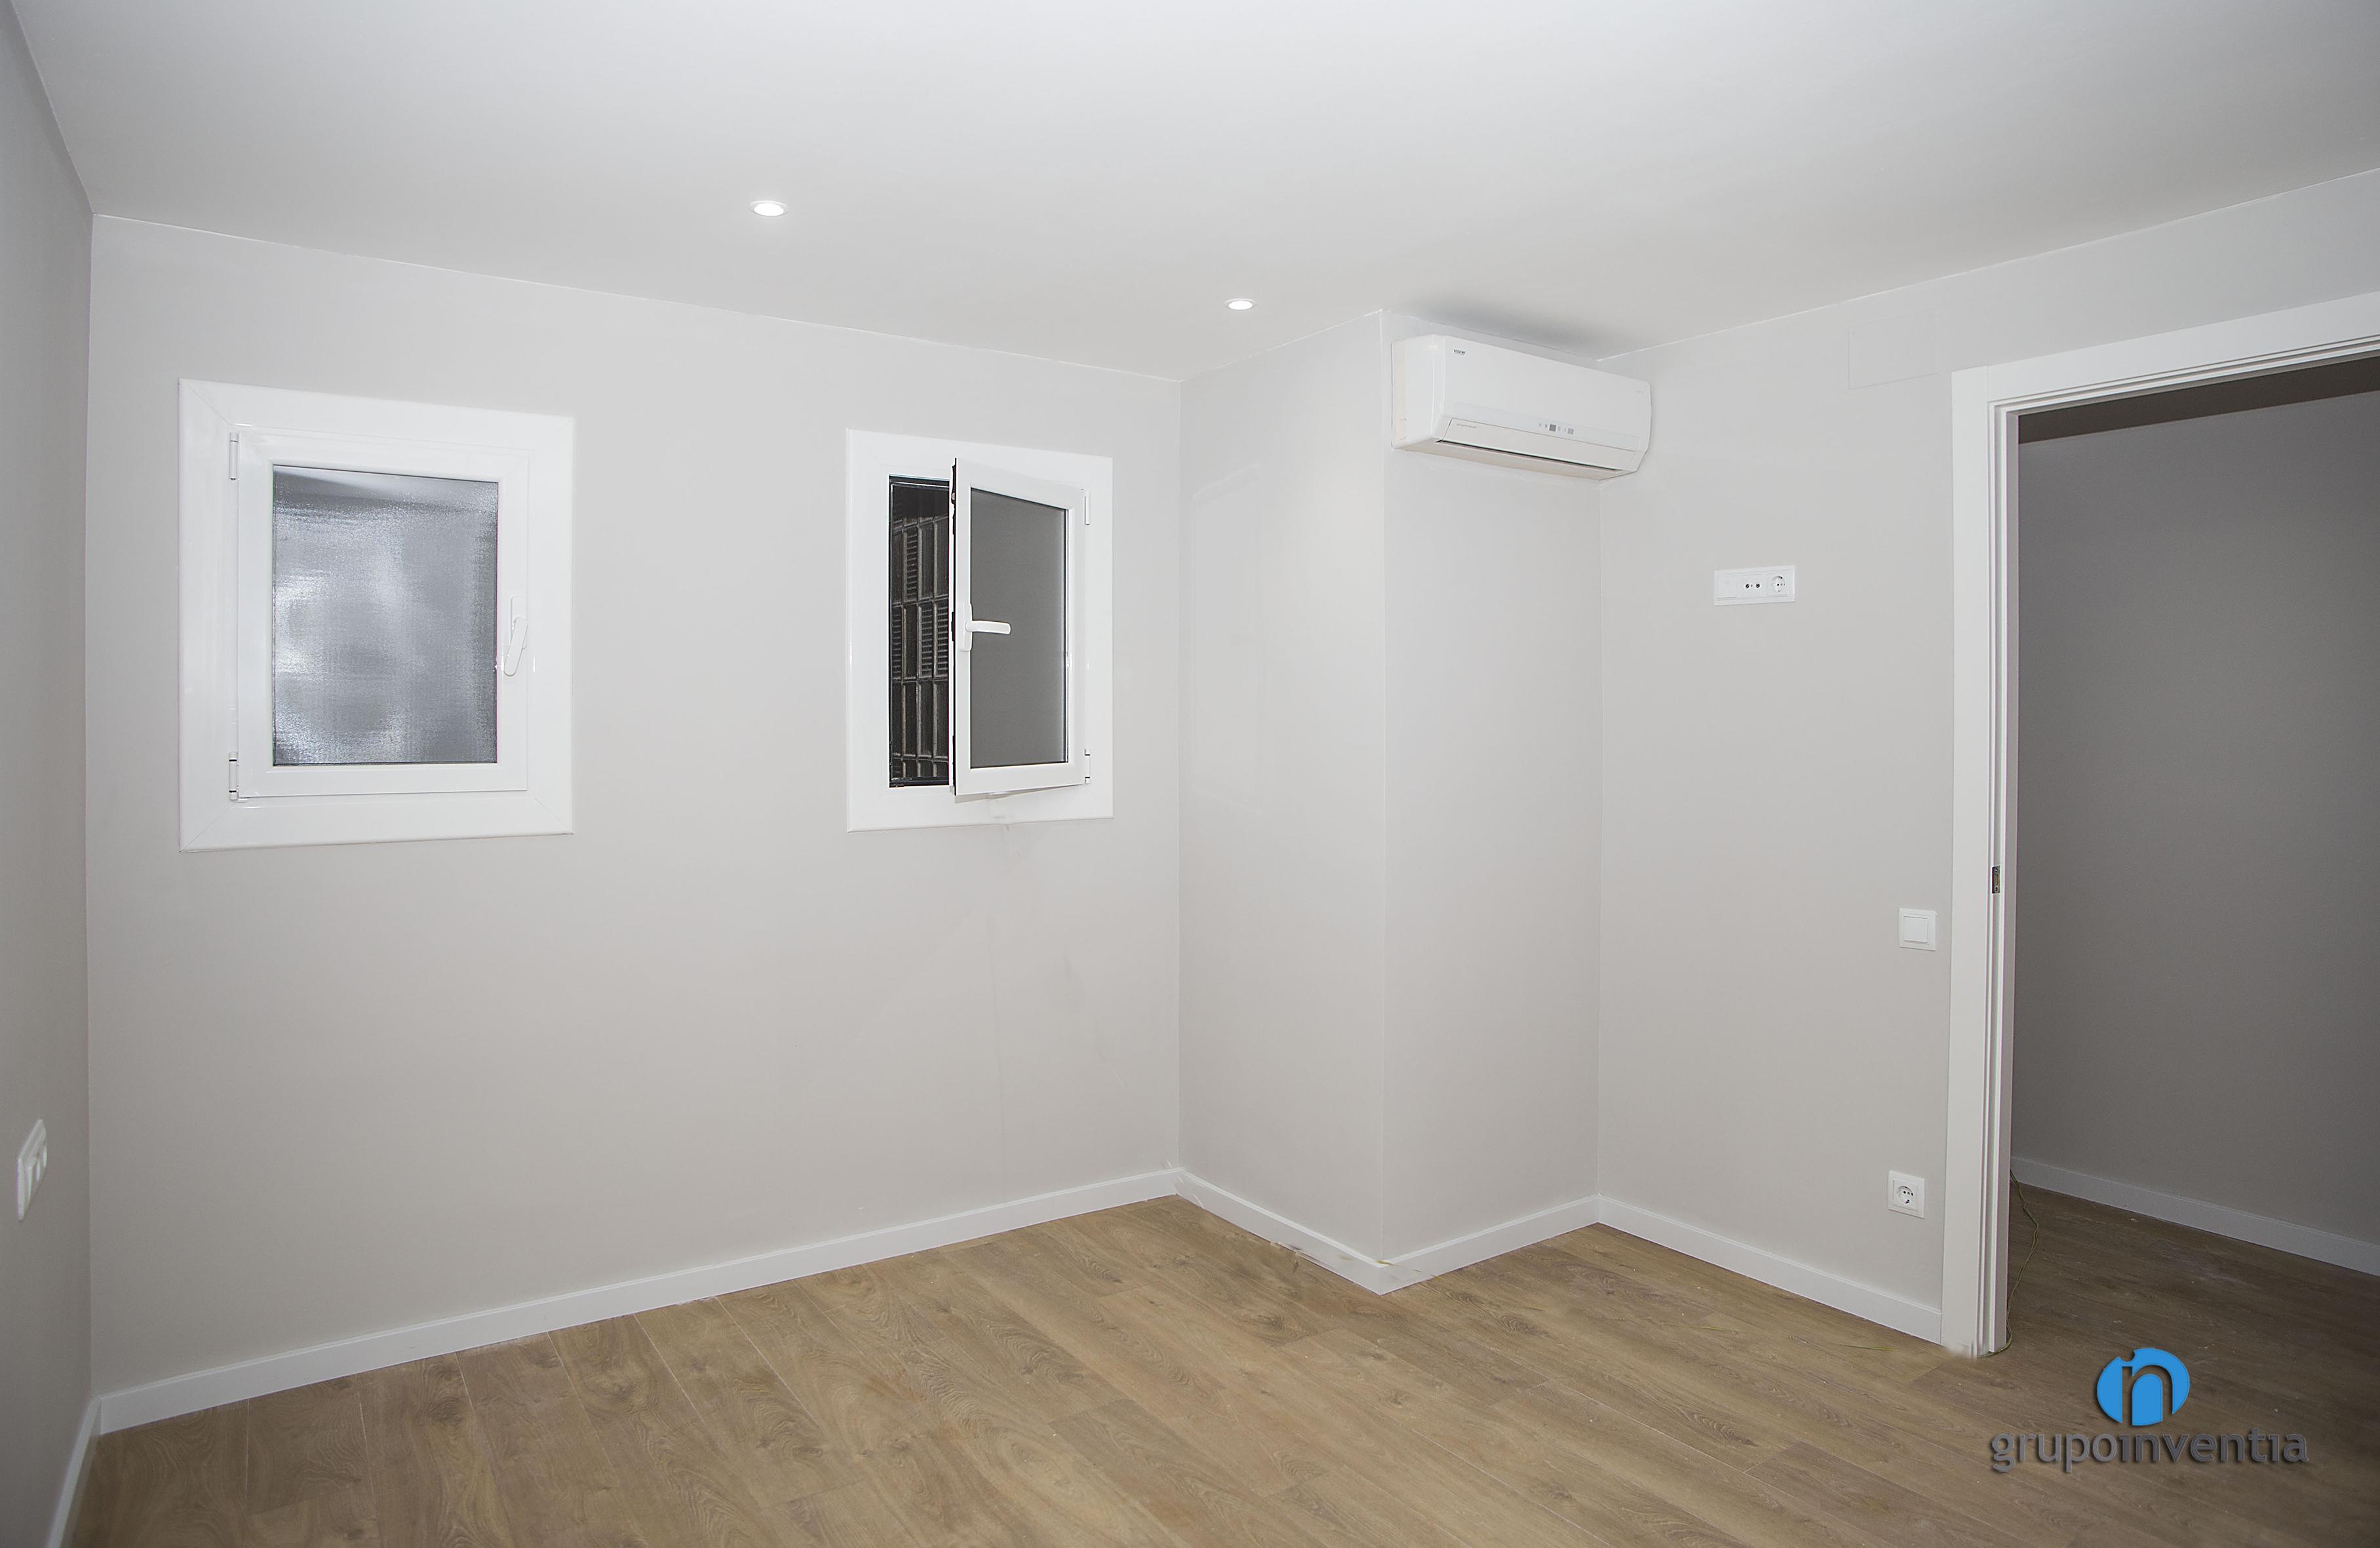 Dormitorio pintado en suave tono de gris catselldefels for Dormitorios pintados en gris